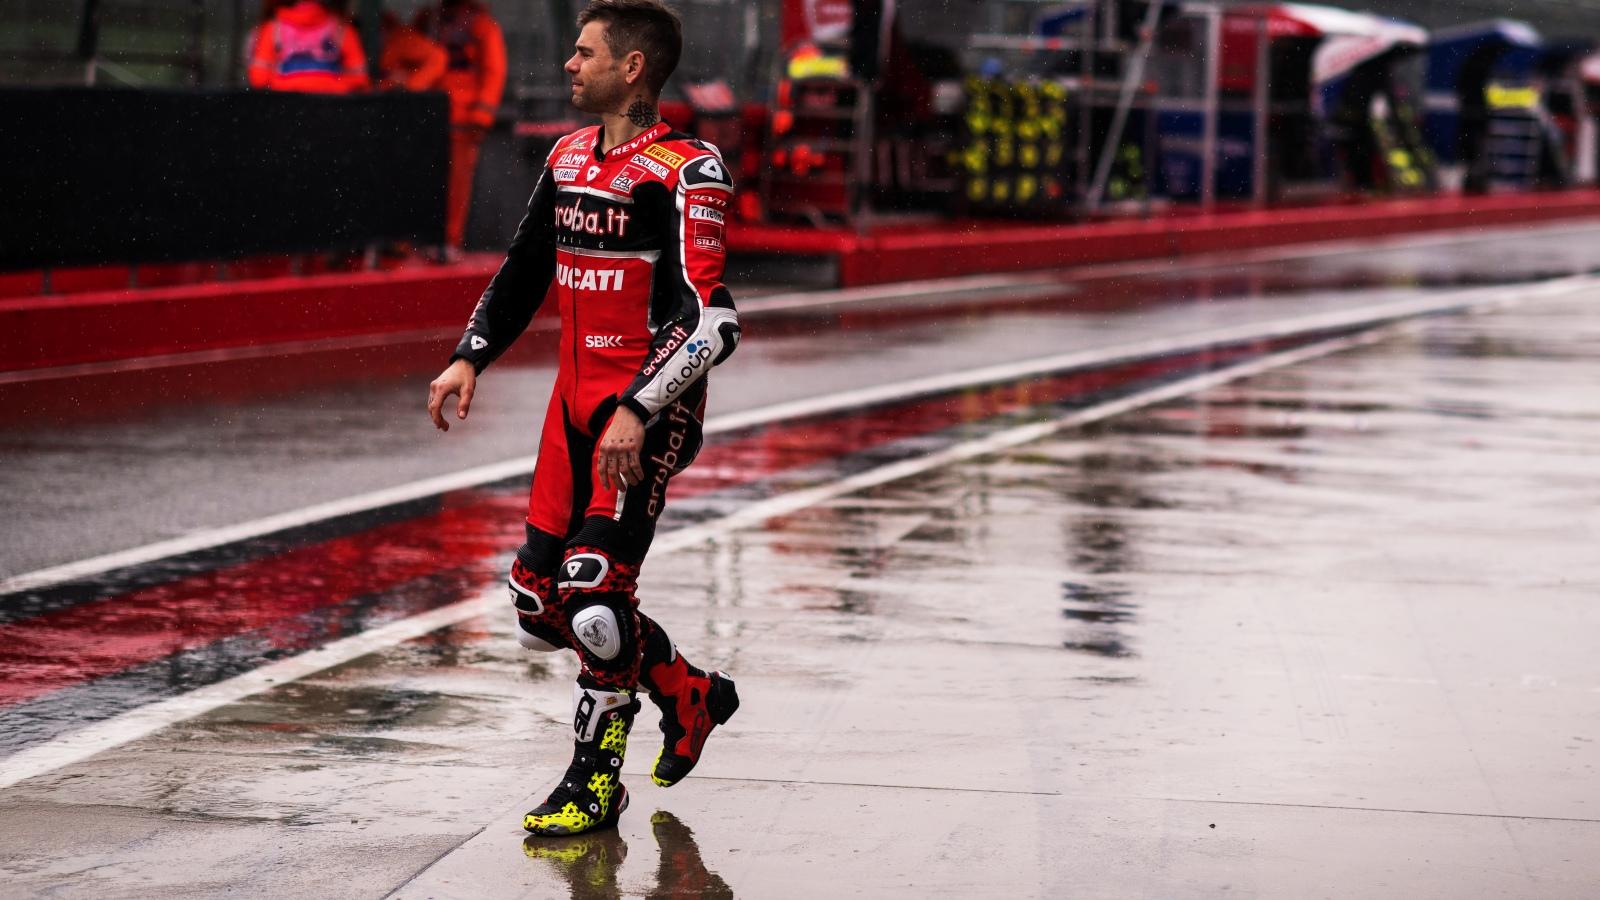 """Álvaro Bautista: """"Lo peor de todo es la seguridad del circuito, los muros están muy cerca"""""""